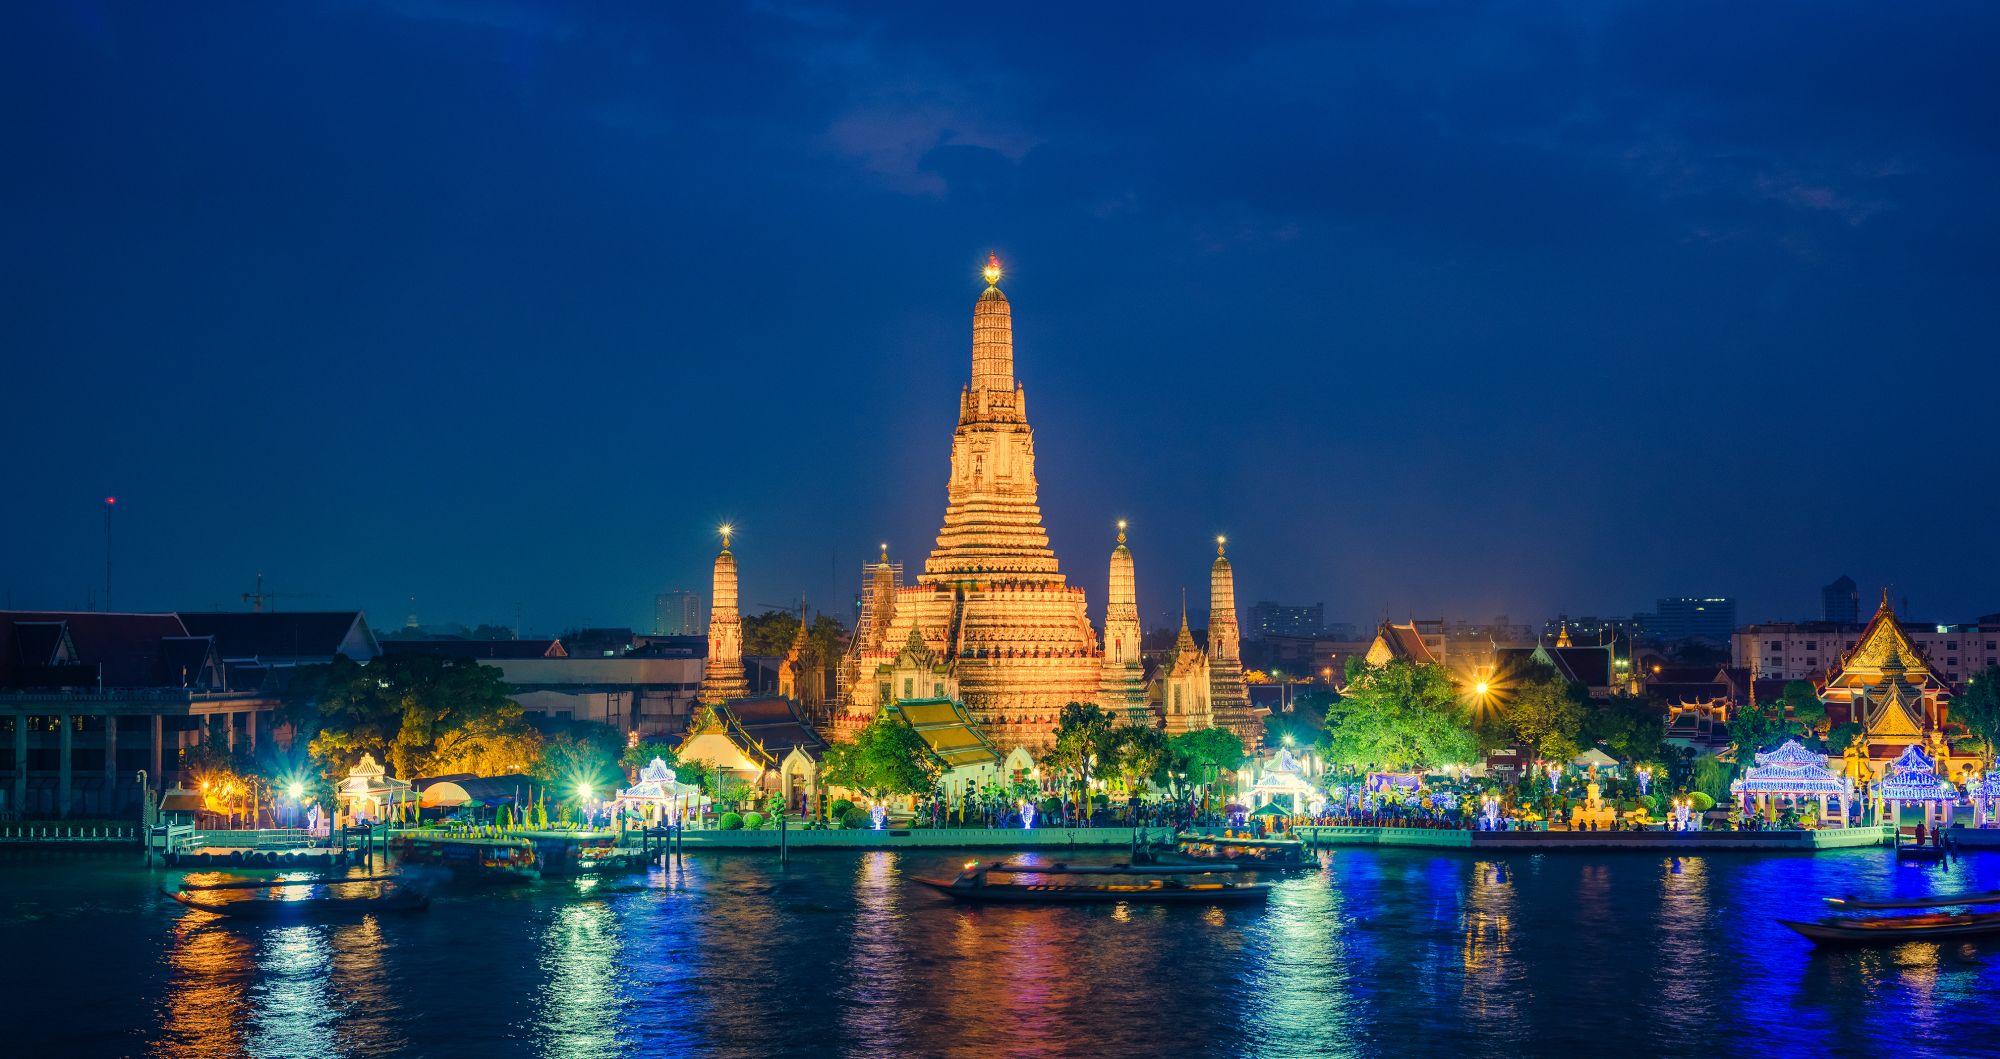 Blog artikel 'Bangkok, een stukje Venetië in het verre oosten'